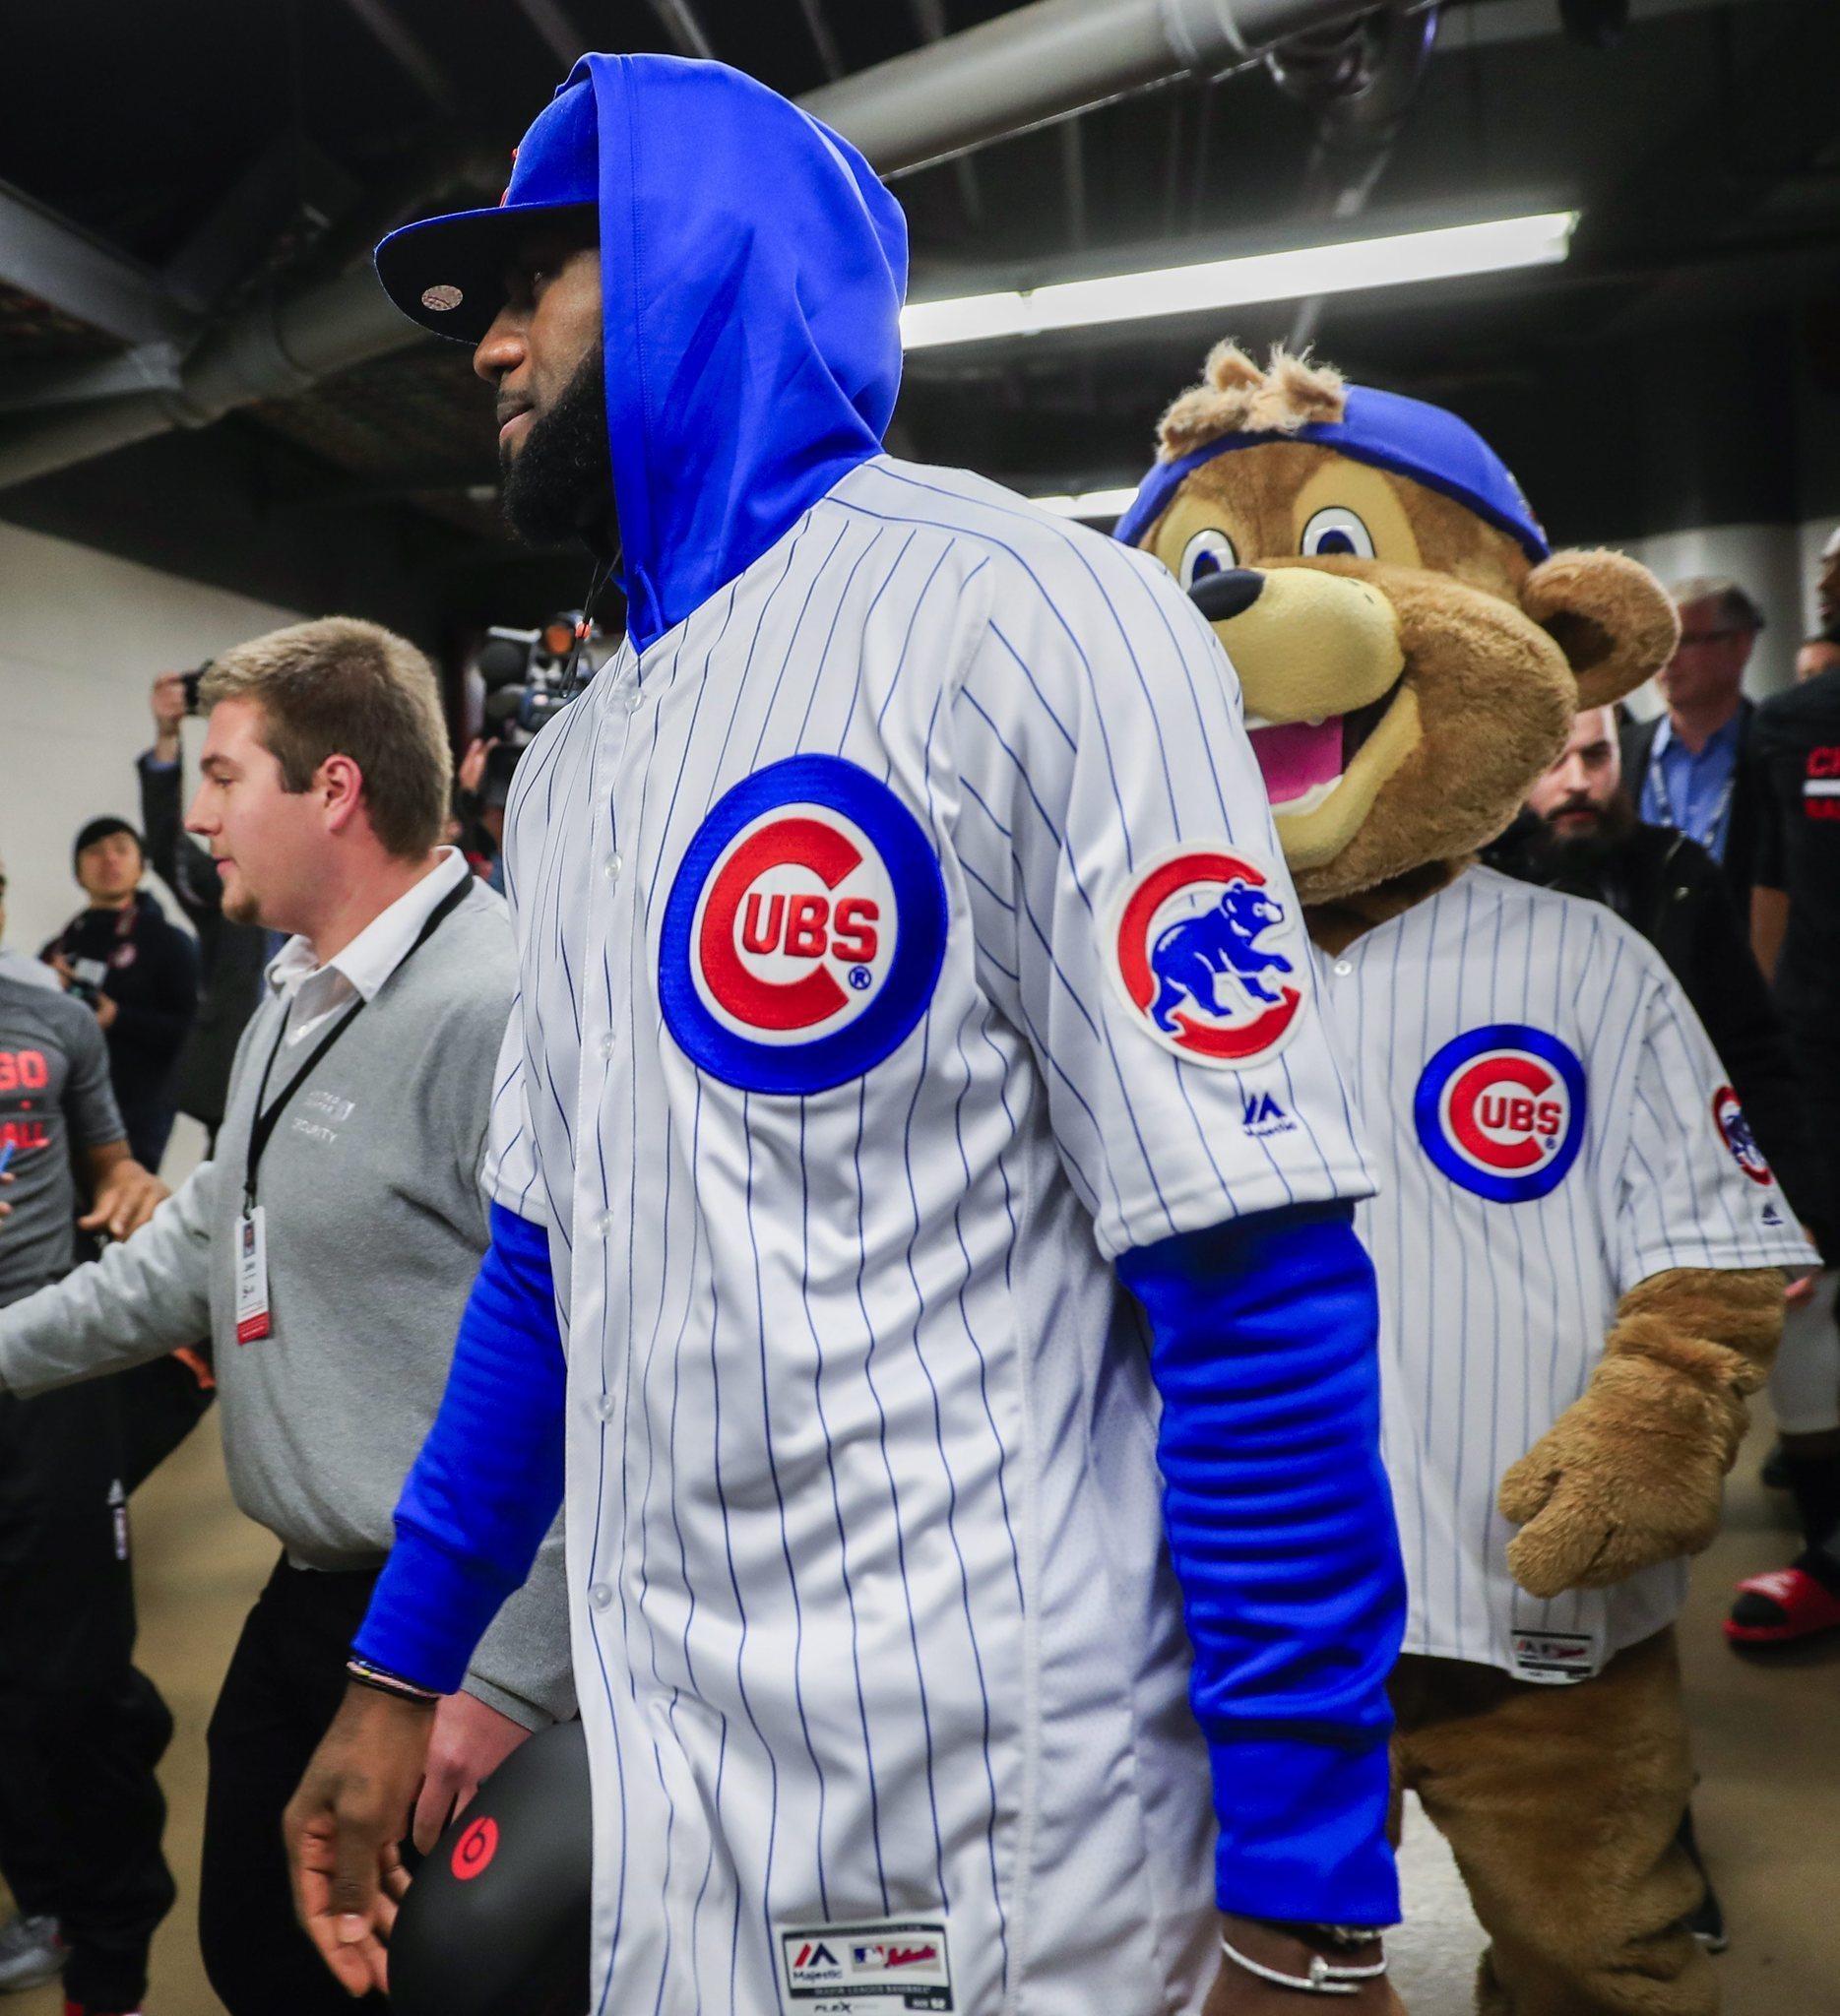 a88498c91 LeBron James arrives in a Cubs uniform - Chicago Tribune